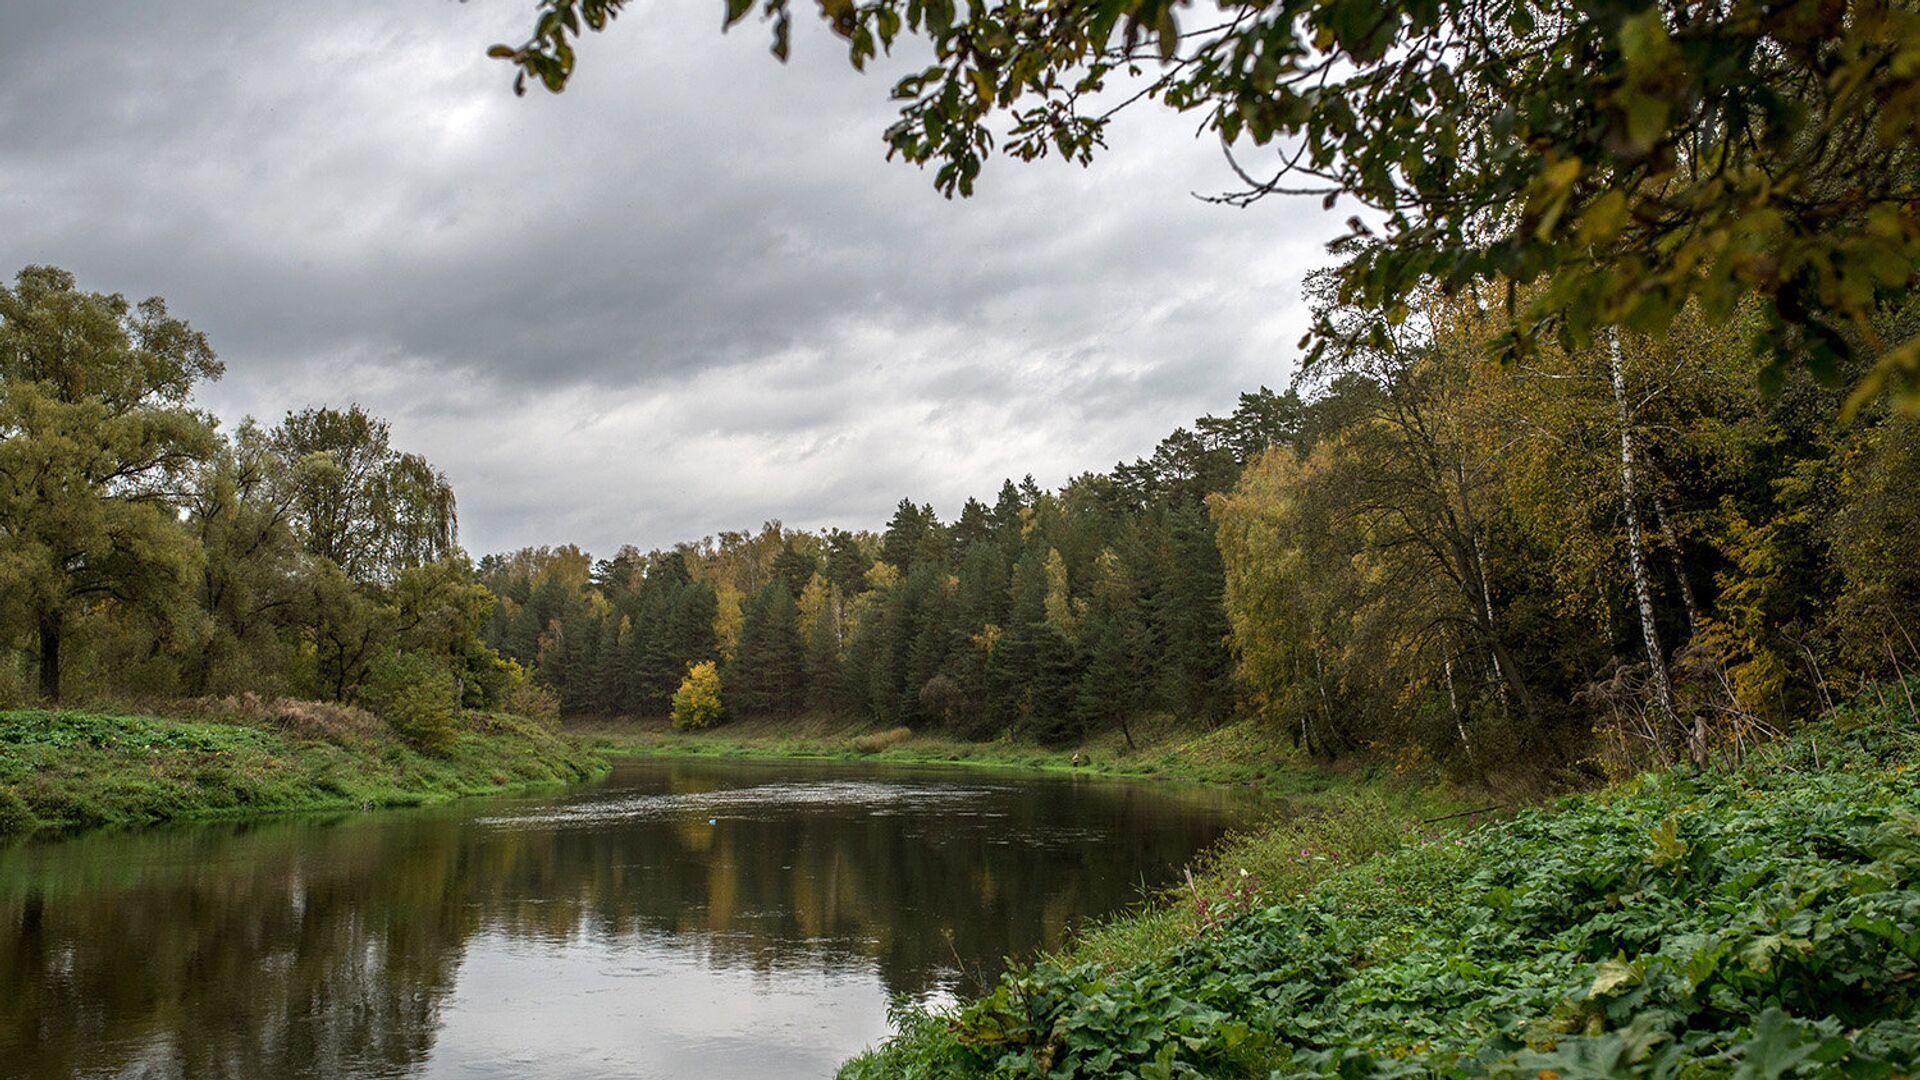 Особо охраняемый водный объект создан на севере Подмосковья - РИА Новости, 1920, 12.07.2021